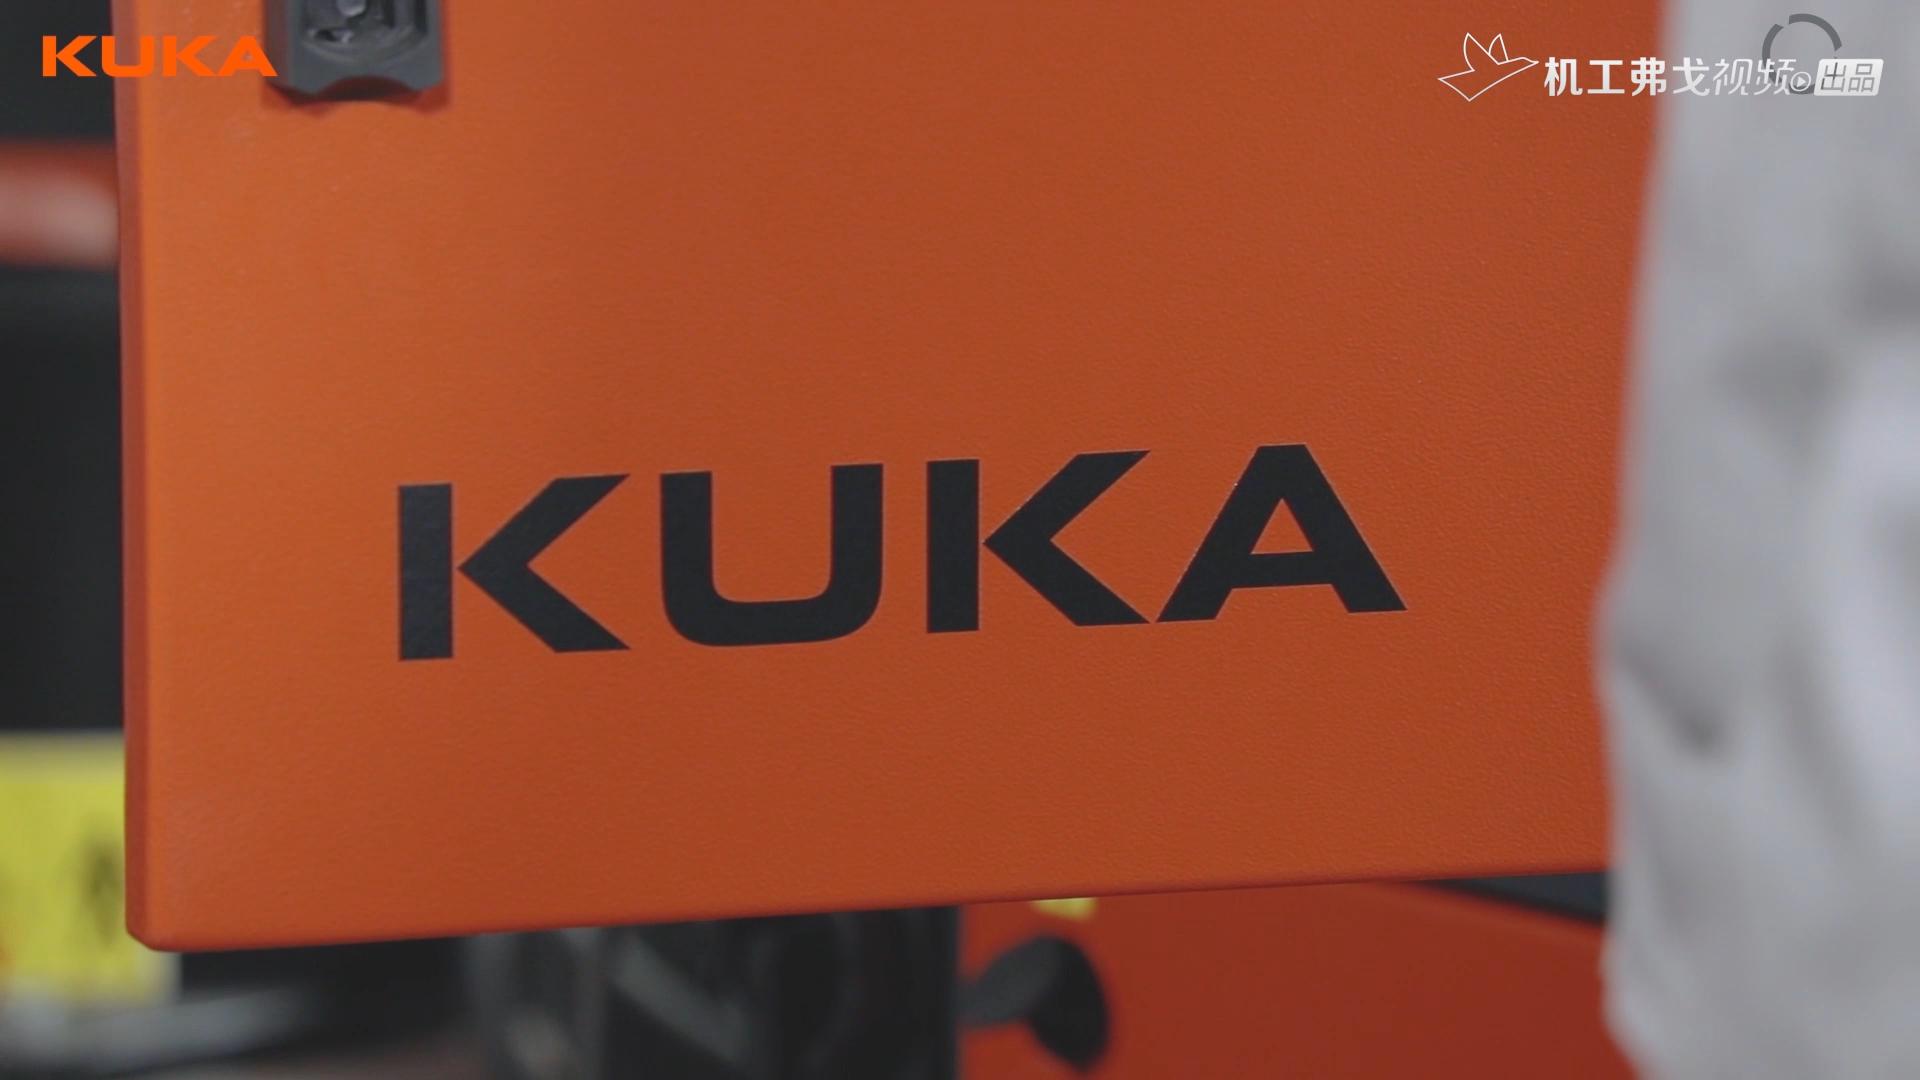 【企业案例采写】库卡机器人自动凸焊应用解决方案